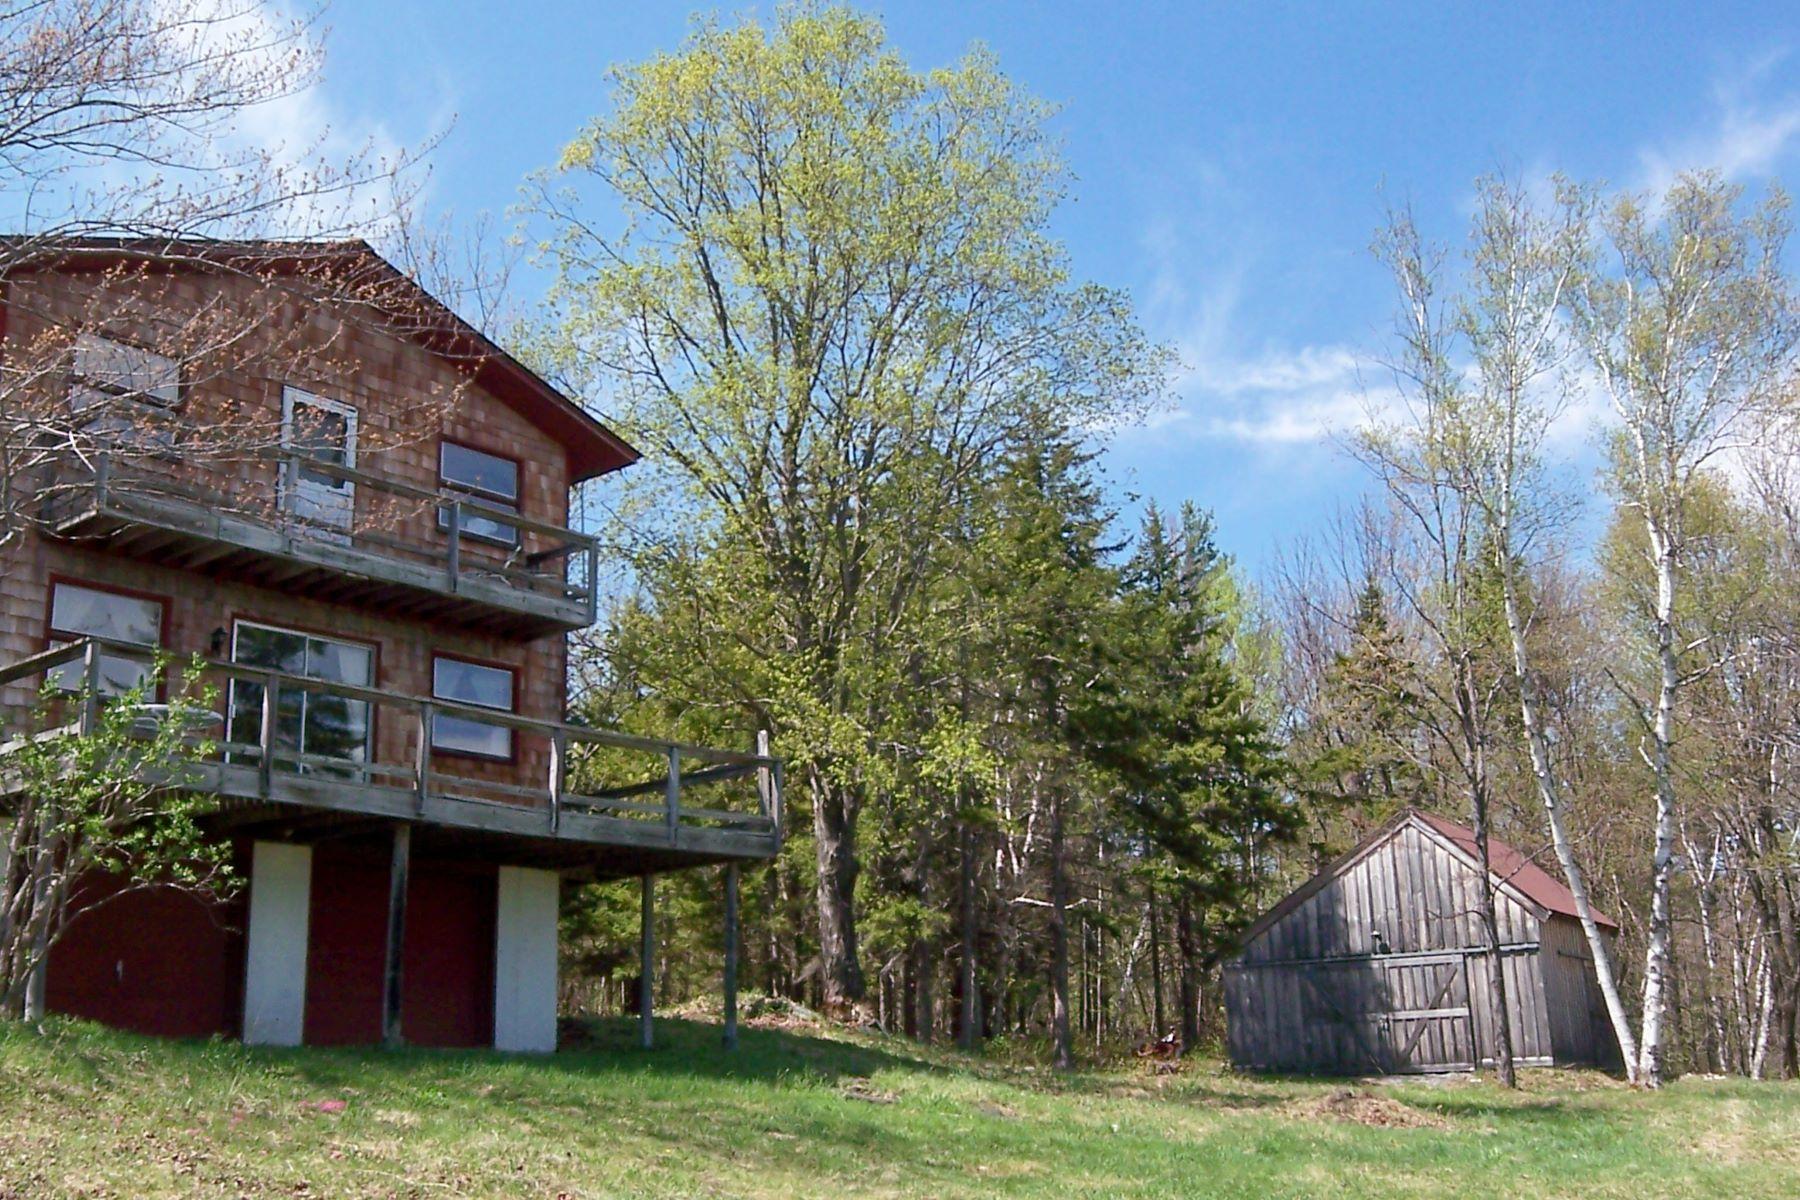 独户住宅 为 销售 在 Large Acreage Abutting Town Forest 95 Whites Hill Rd, 多佛, 佛蒙特州, 05341 美国